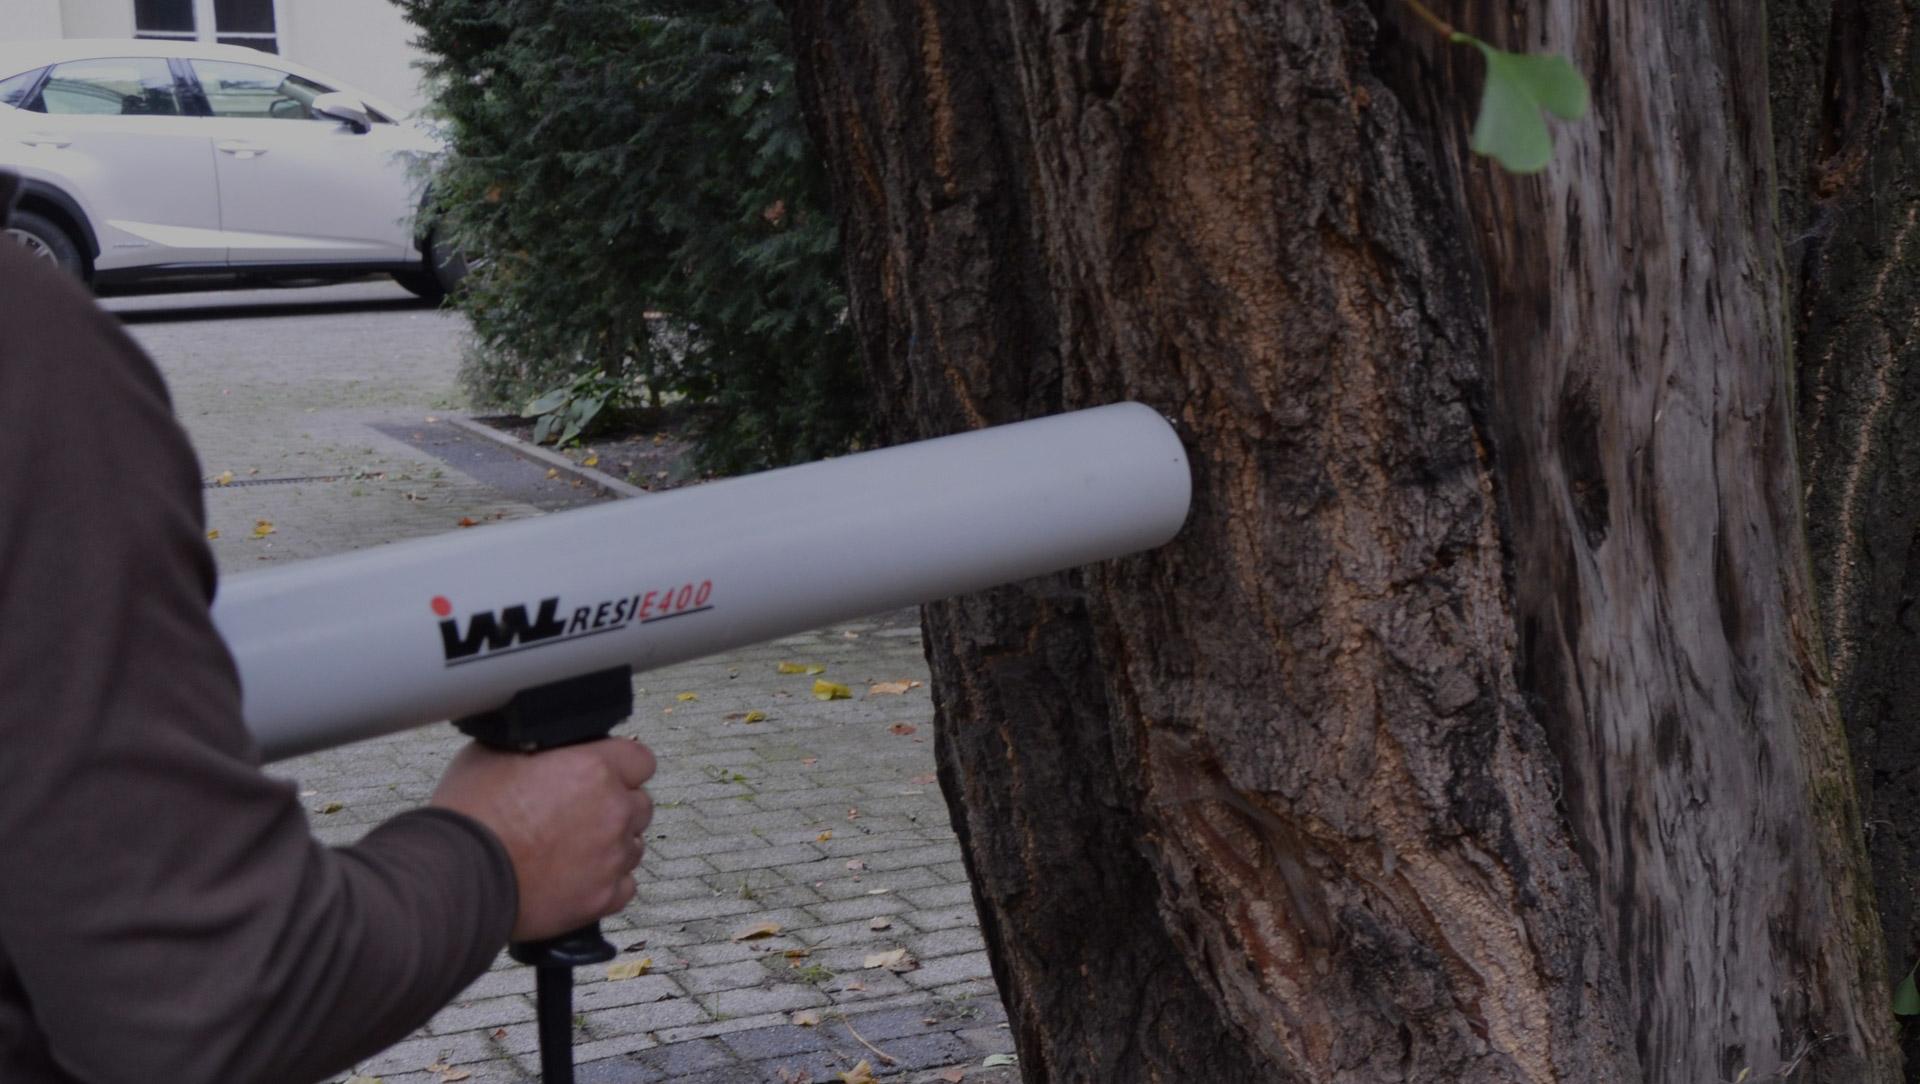 badania dendrologiczne - badanie drzewa rezystografem for eco